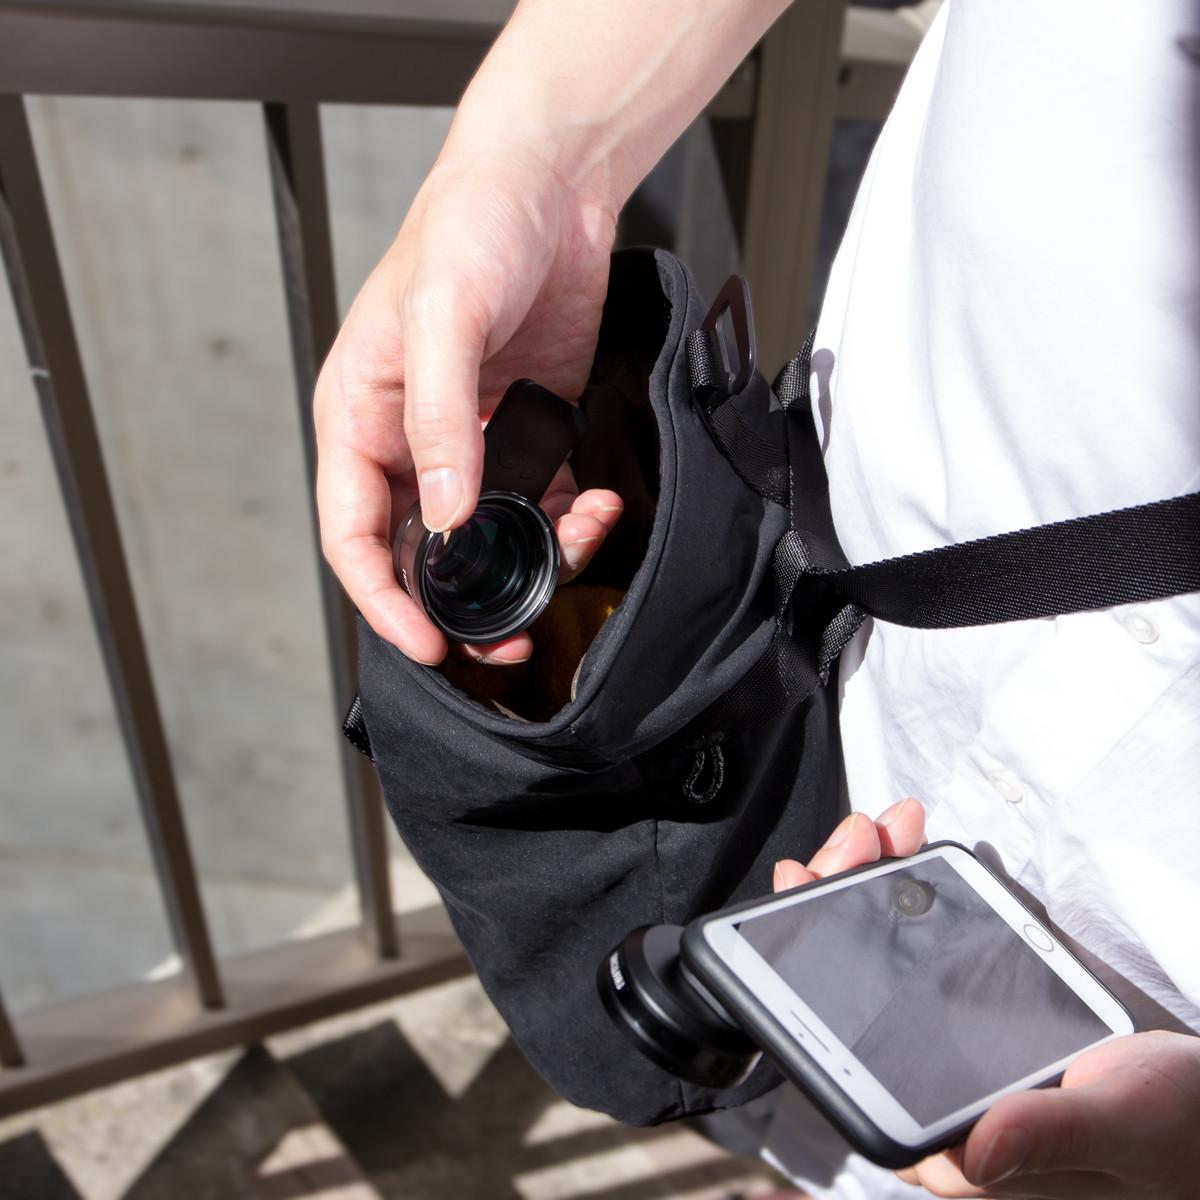 アウトドアレジャー、屋外イベント、バックパック使用時のサブバッグに。旅行など動き回りたい時にも。DIYなどの作業バッグや小物入れとしても重宝「4WAYウエストバッグ」(水濡れや汚れに強いドライコレクション)|Topologie